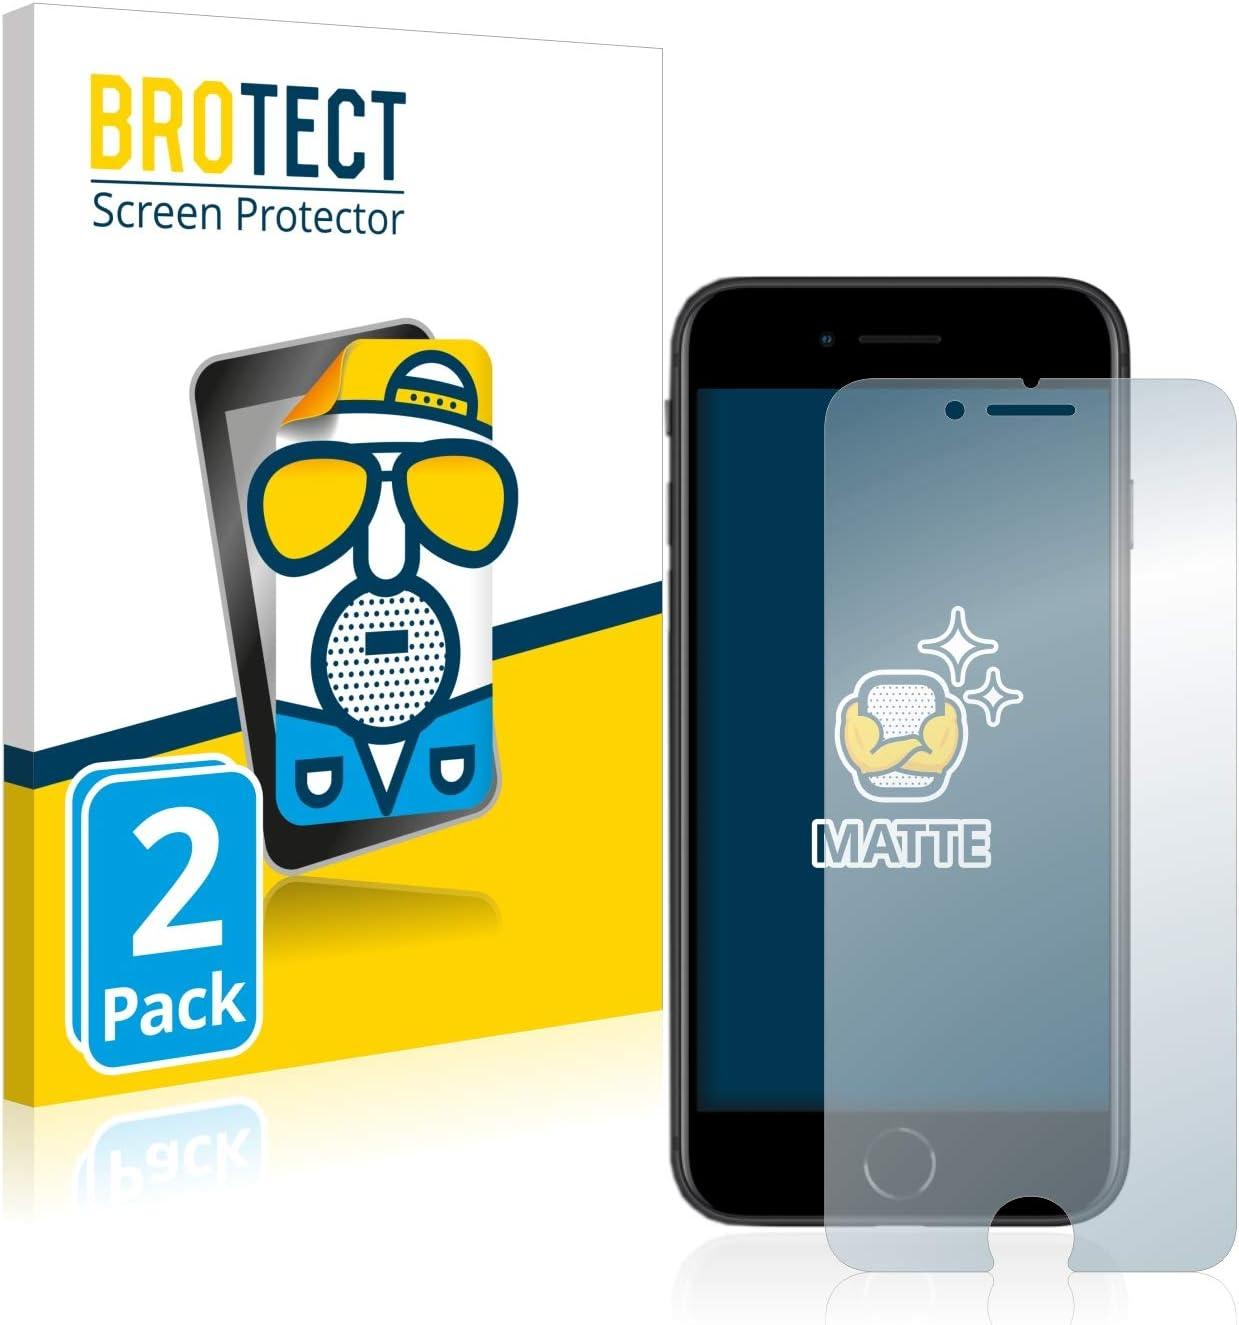 Anti-Glare Anti-Scratch 2X BROTECT Matte Screen Protector for JVC GC-PX100BEU Matte